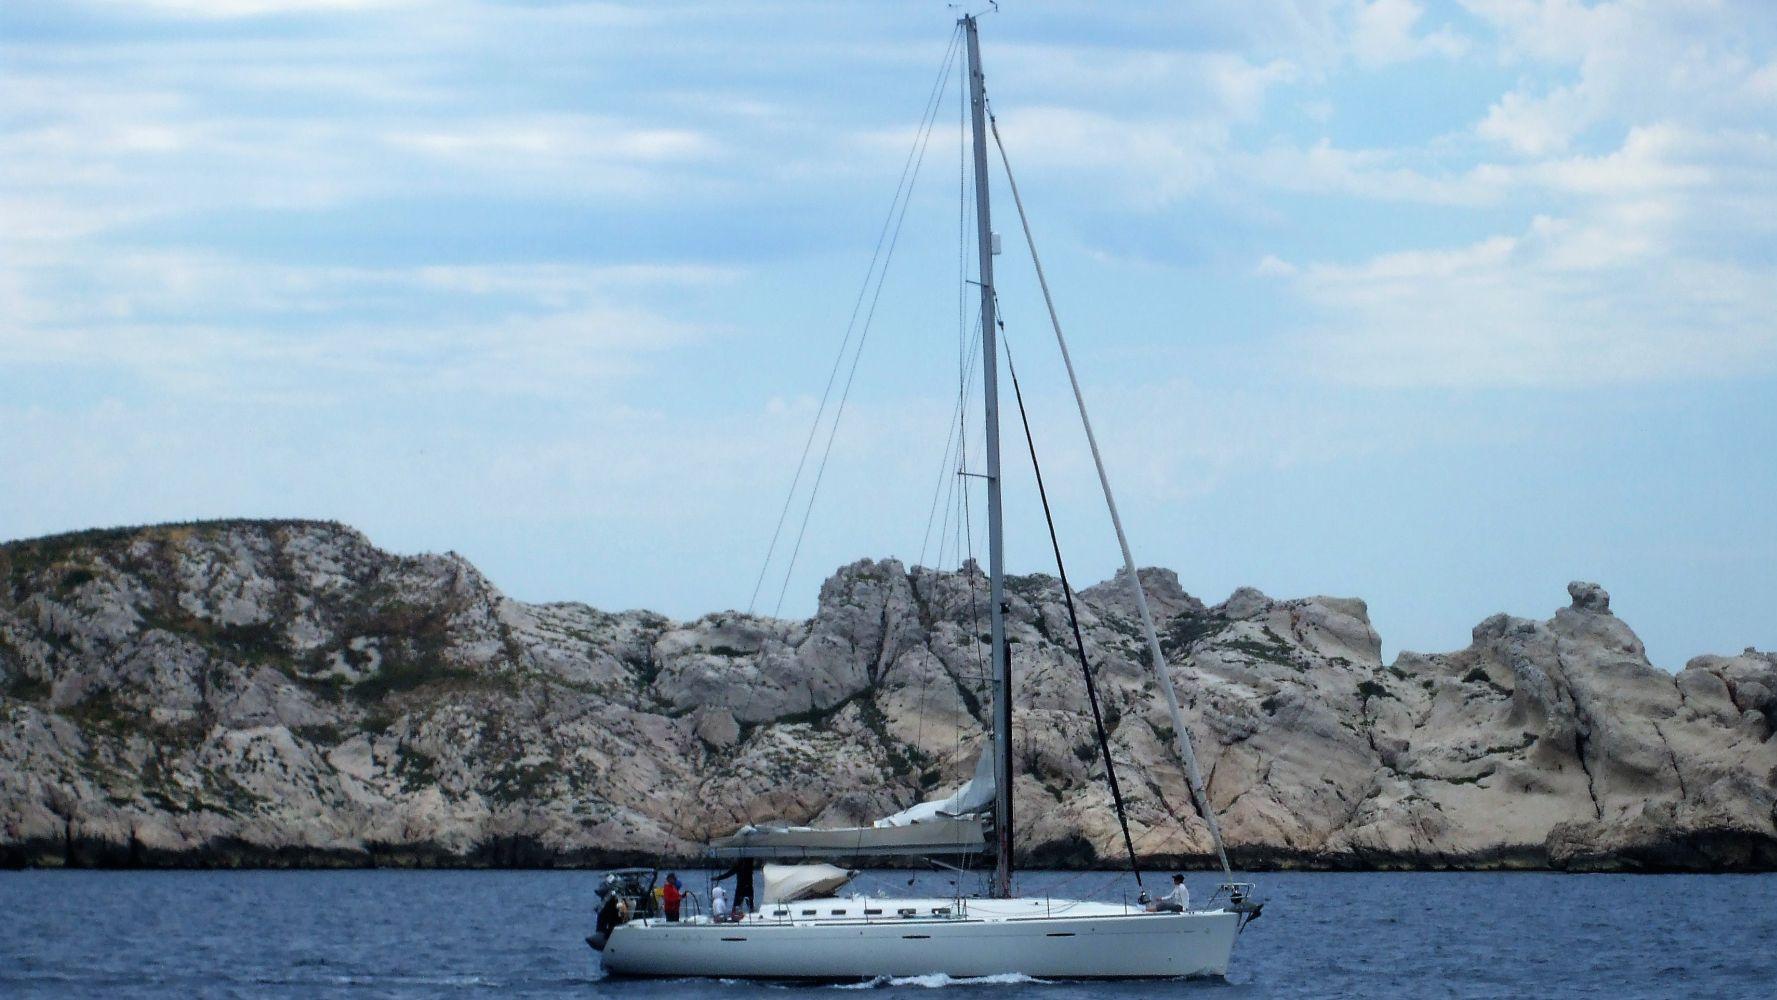 sailboat-5368581